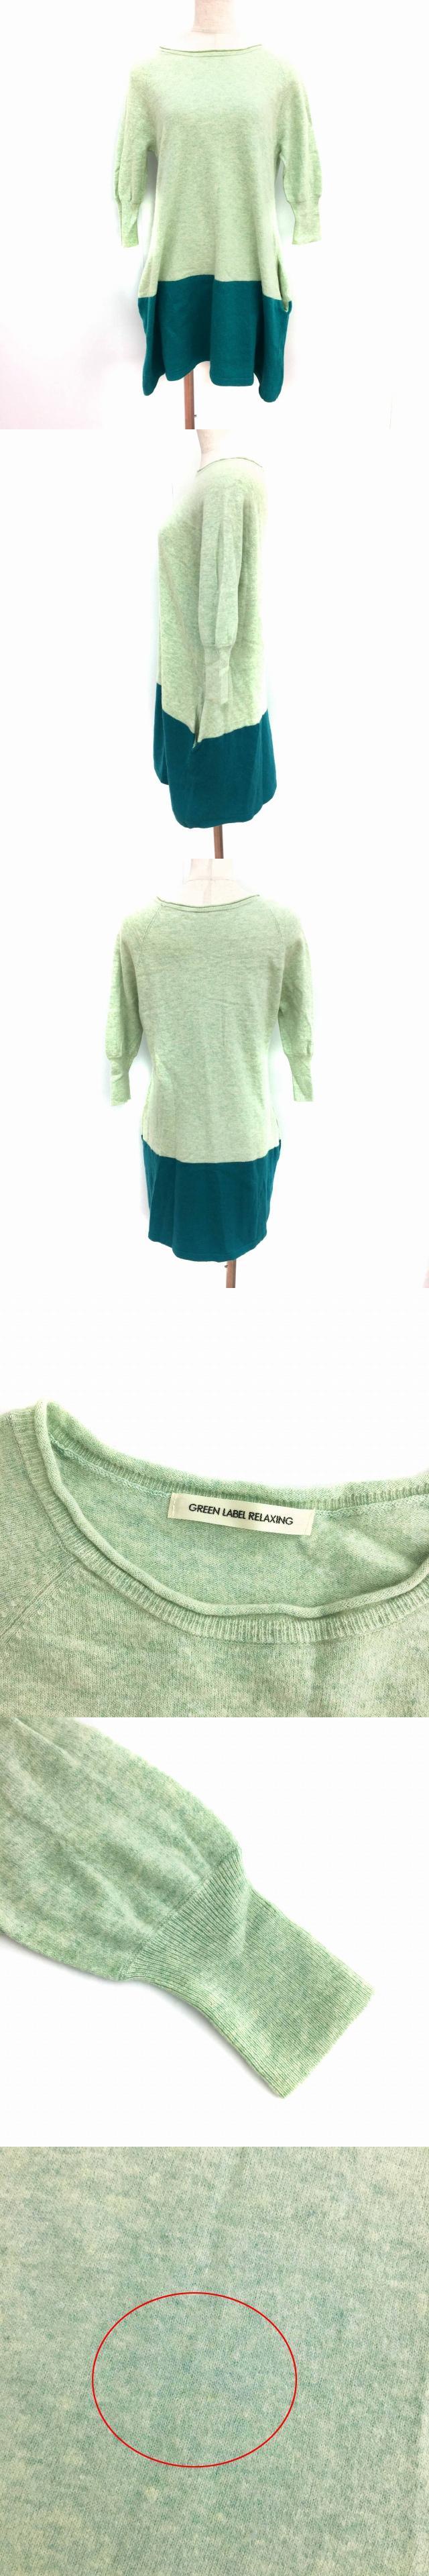 チュニック ワンピース 七分袖  ボートネック バイカラー 緑 グリーン 青 ブルー